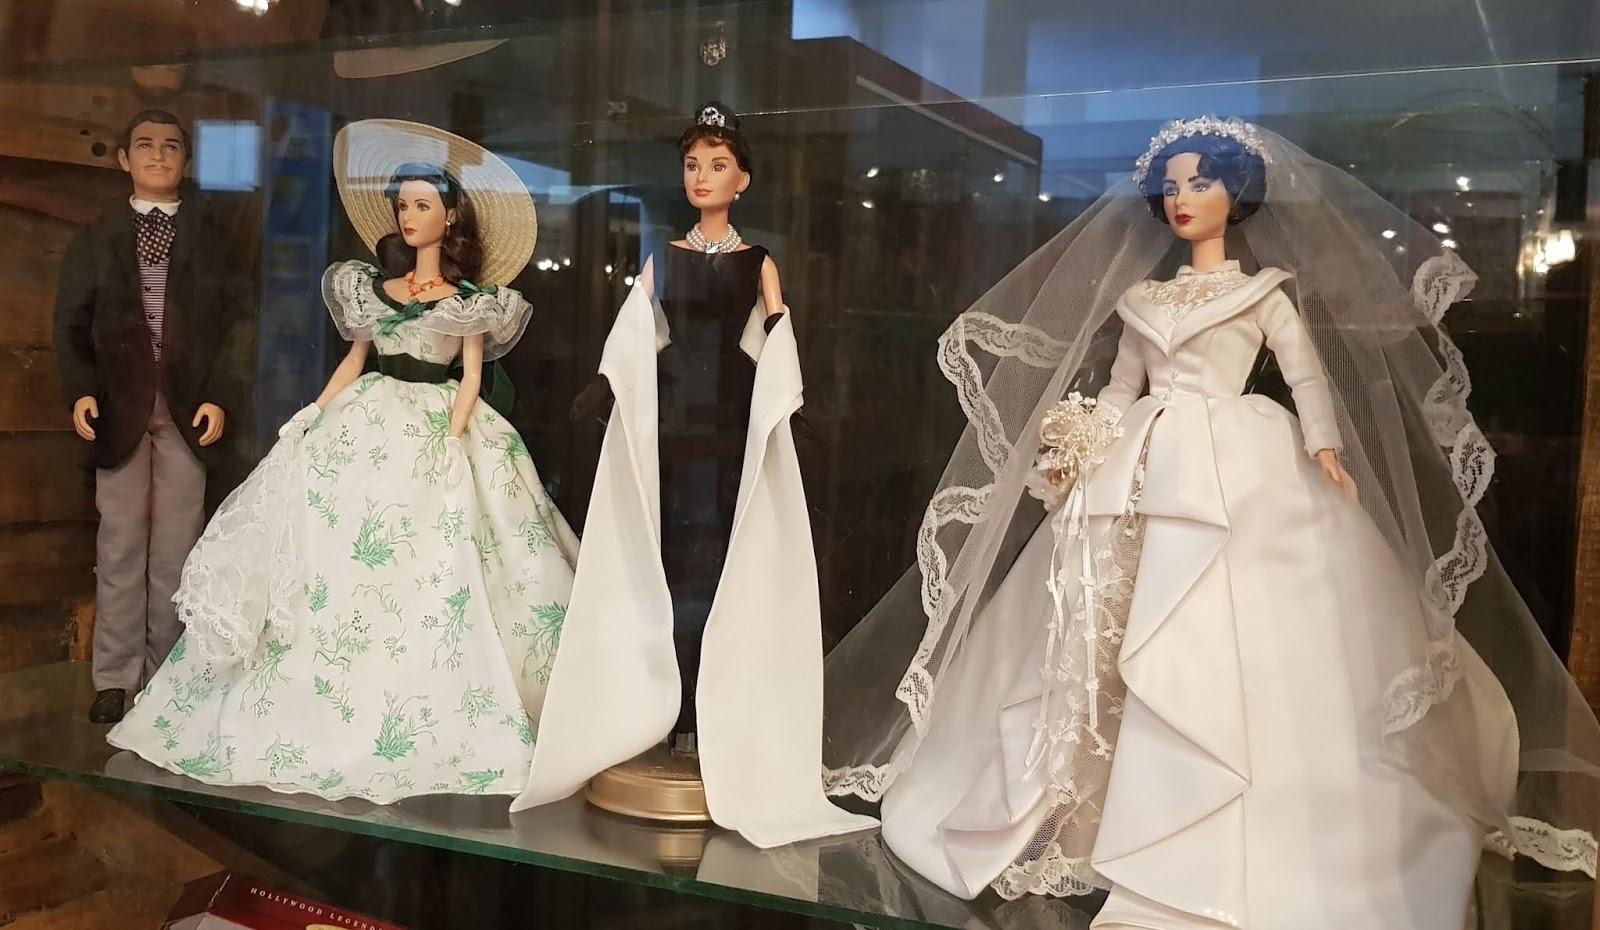 Muñecos tipo barbie de Clarke Gable, Vivien Leigh, Audrey Hepburn y Elizabeth Taylor en Museo del Juguete Antiguo en Ciudad de México